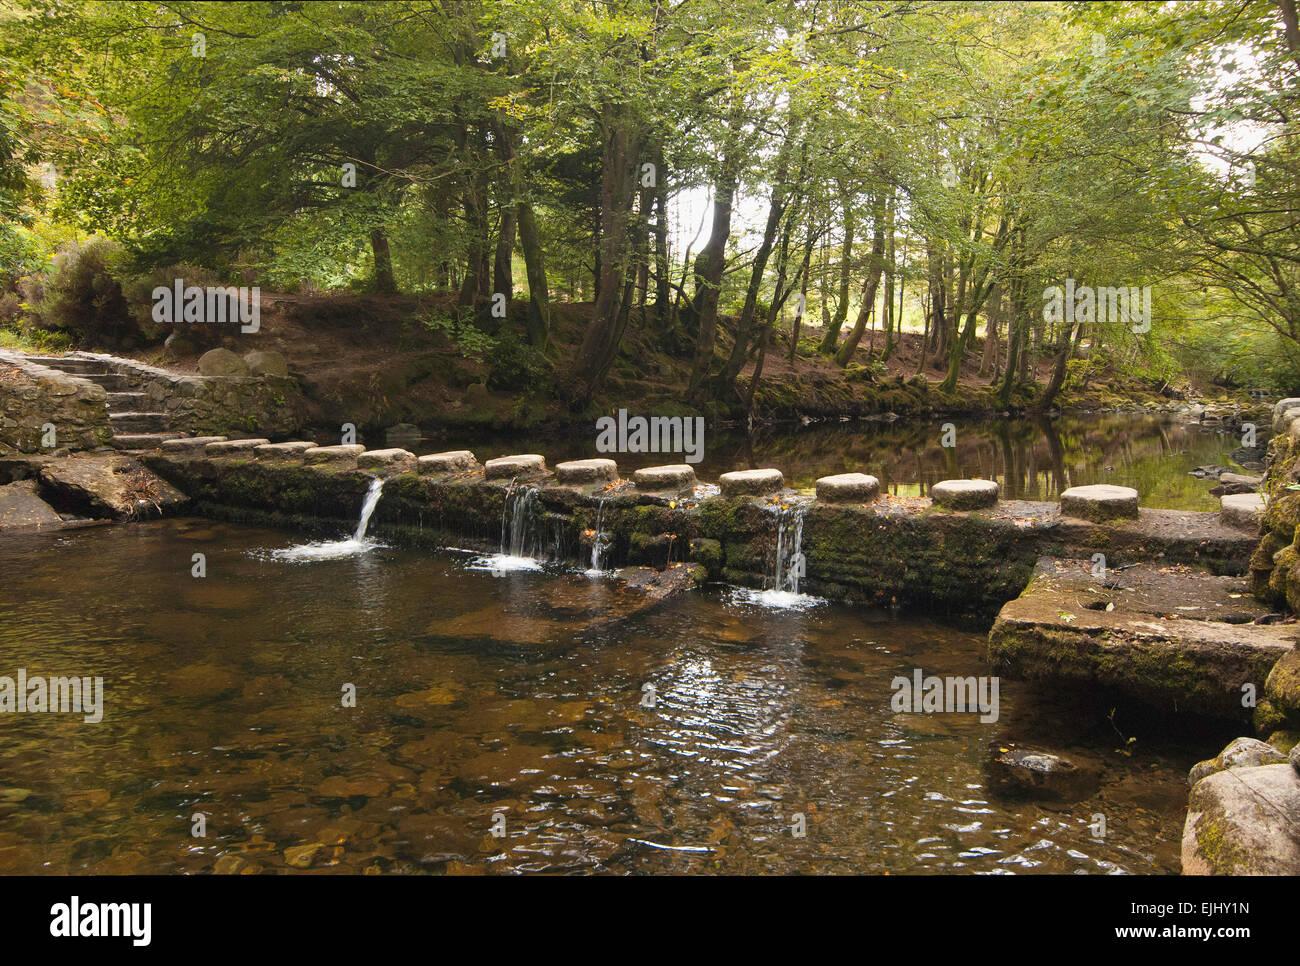 Einer der 16 Brücken über den Fluss Shimna in Tollymore Forest Park, Nordirland Stockfoto